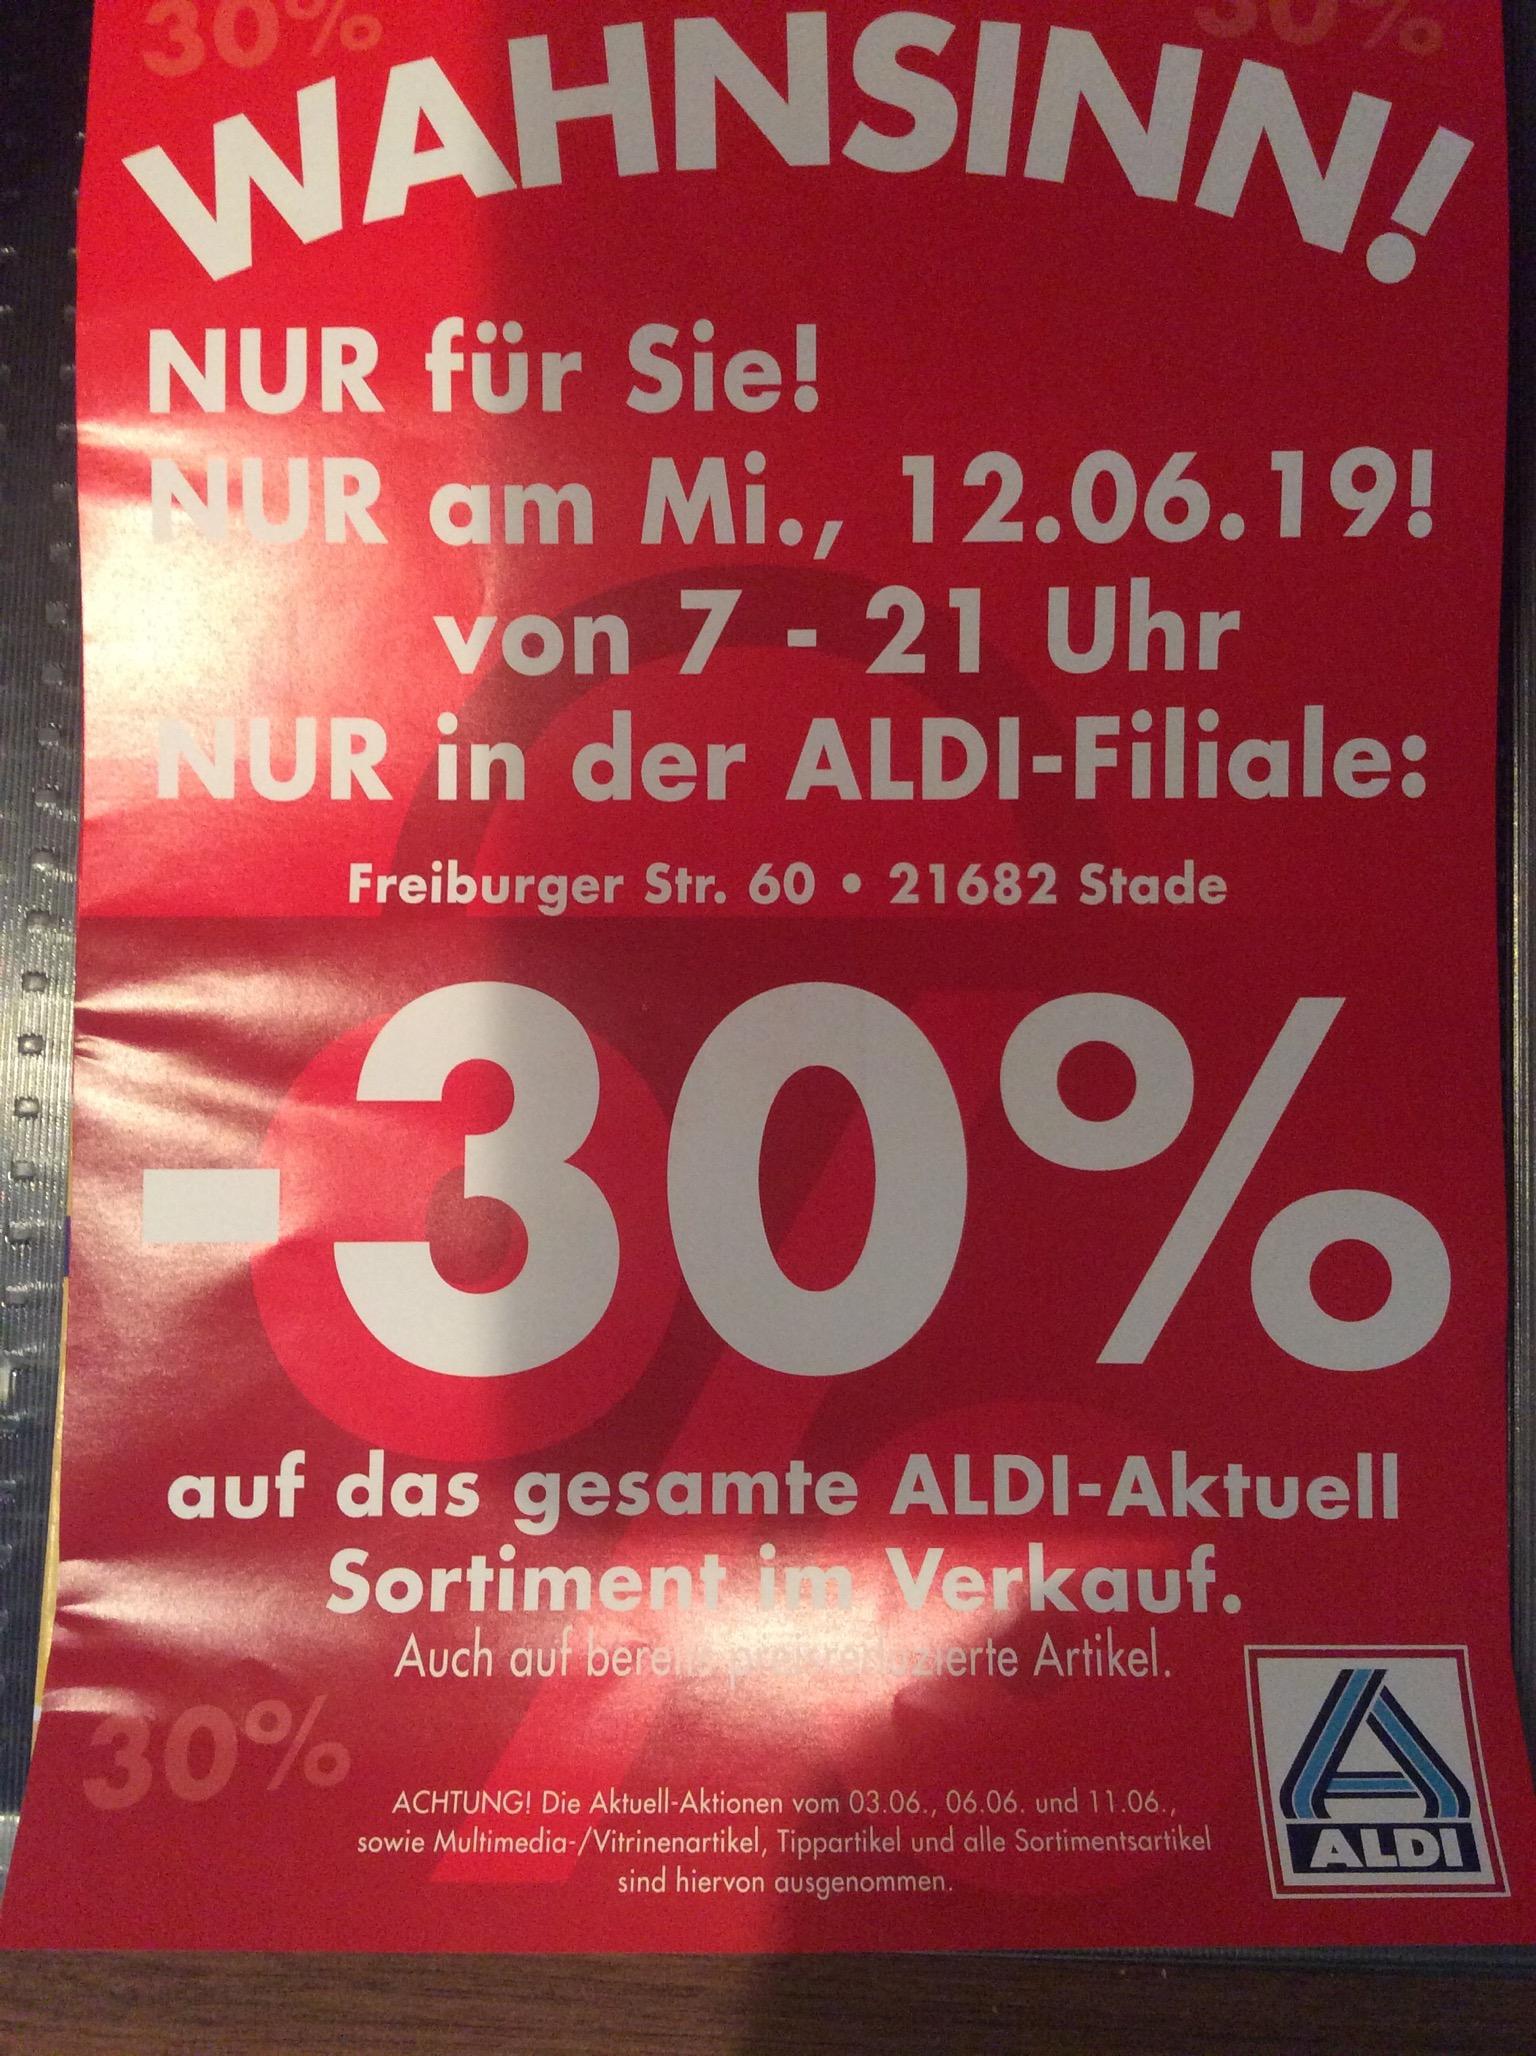 [Lokal Stade] ALDI 30% auf das gesamte ALDI Aktuell Sortiment - Nur am 12.06.19